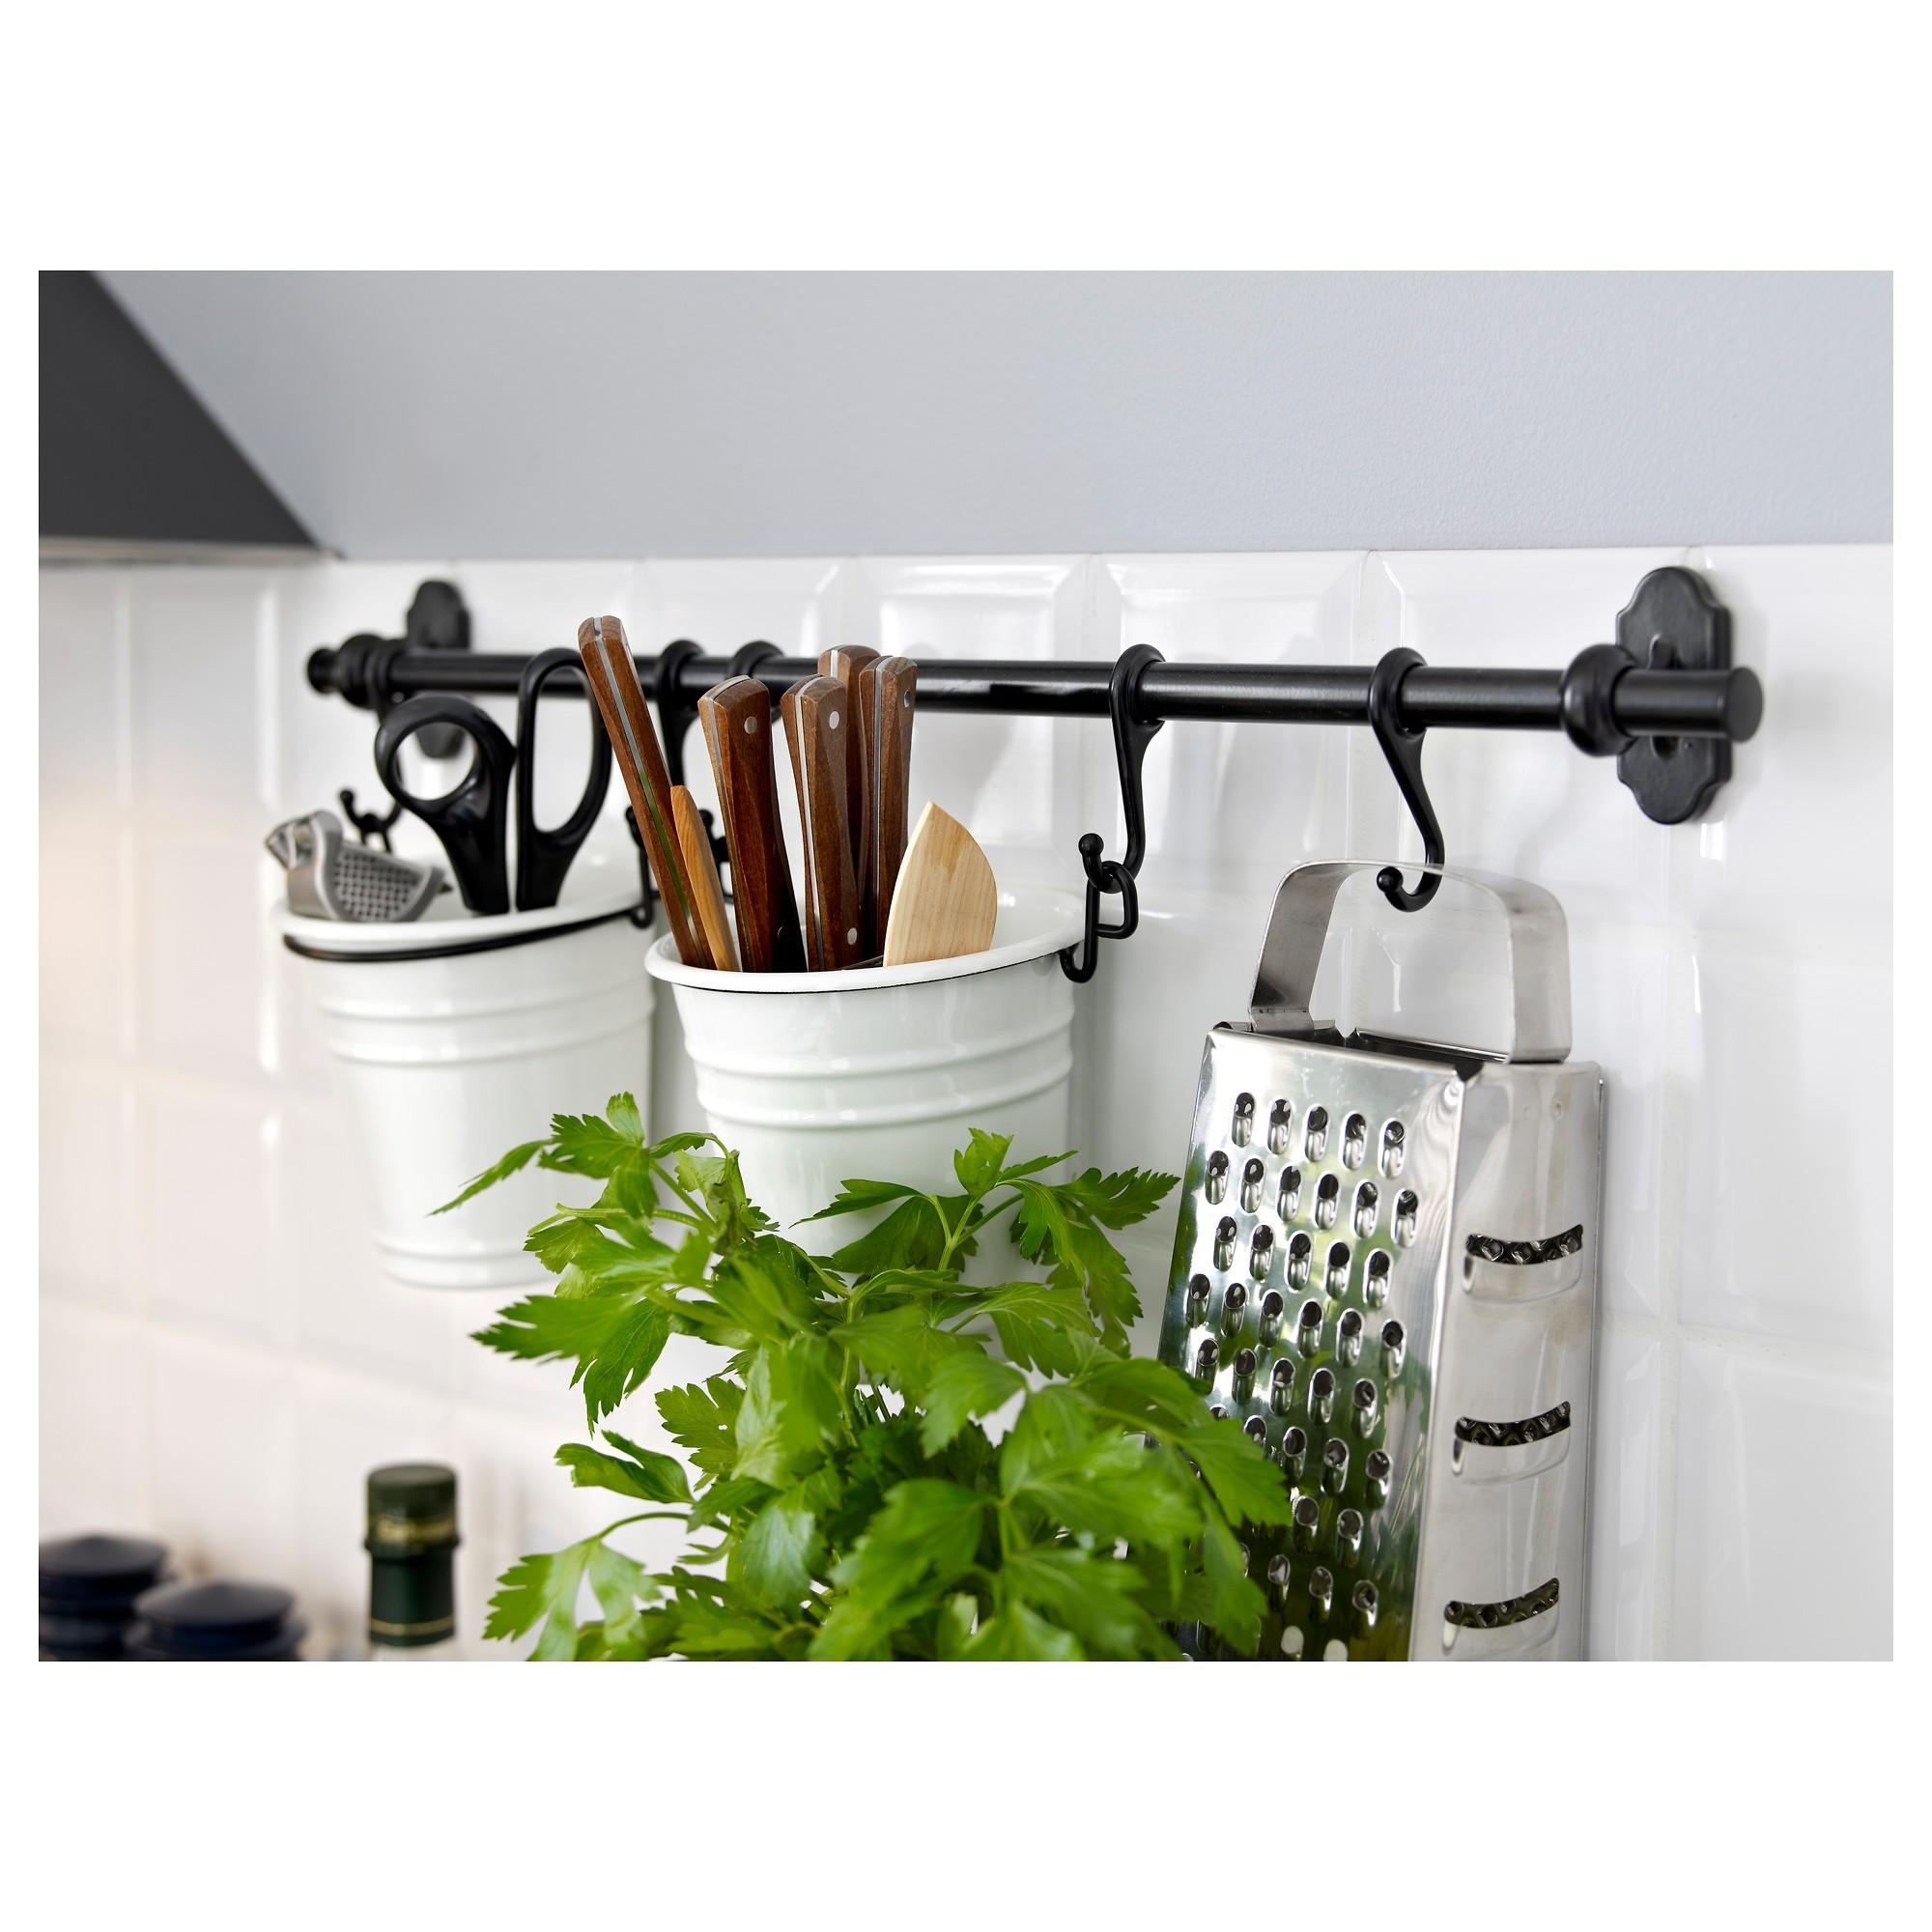 На рейлингах можно разместить все, что угодно: столовые приборы, кашпо с живой зеленью, различную утварь и многое другое.